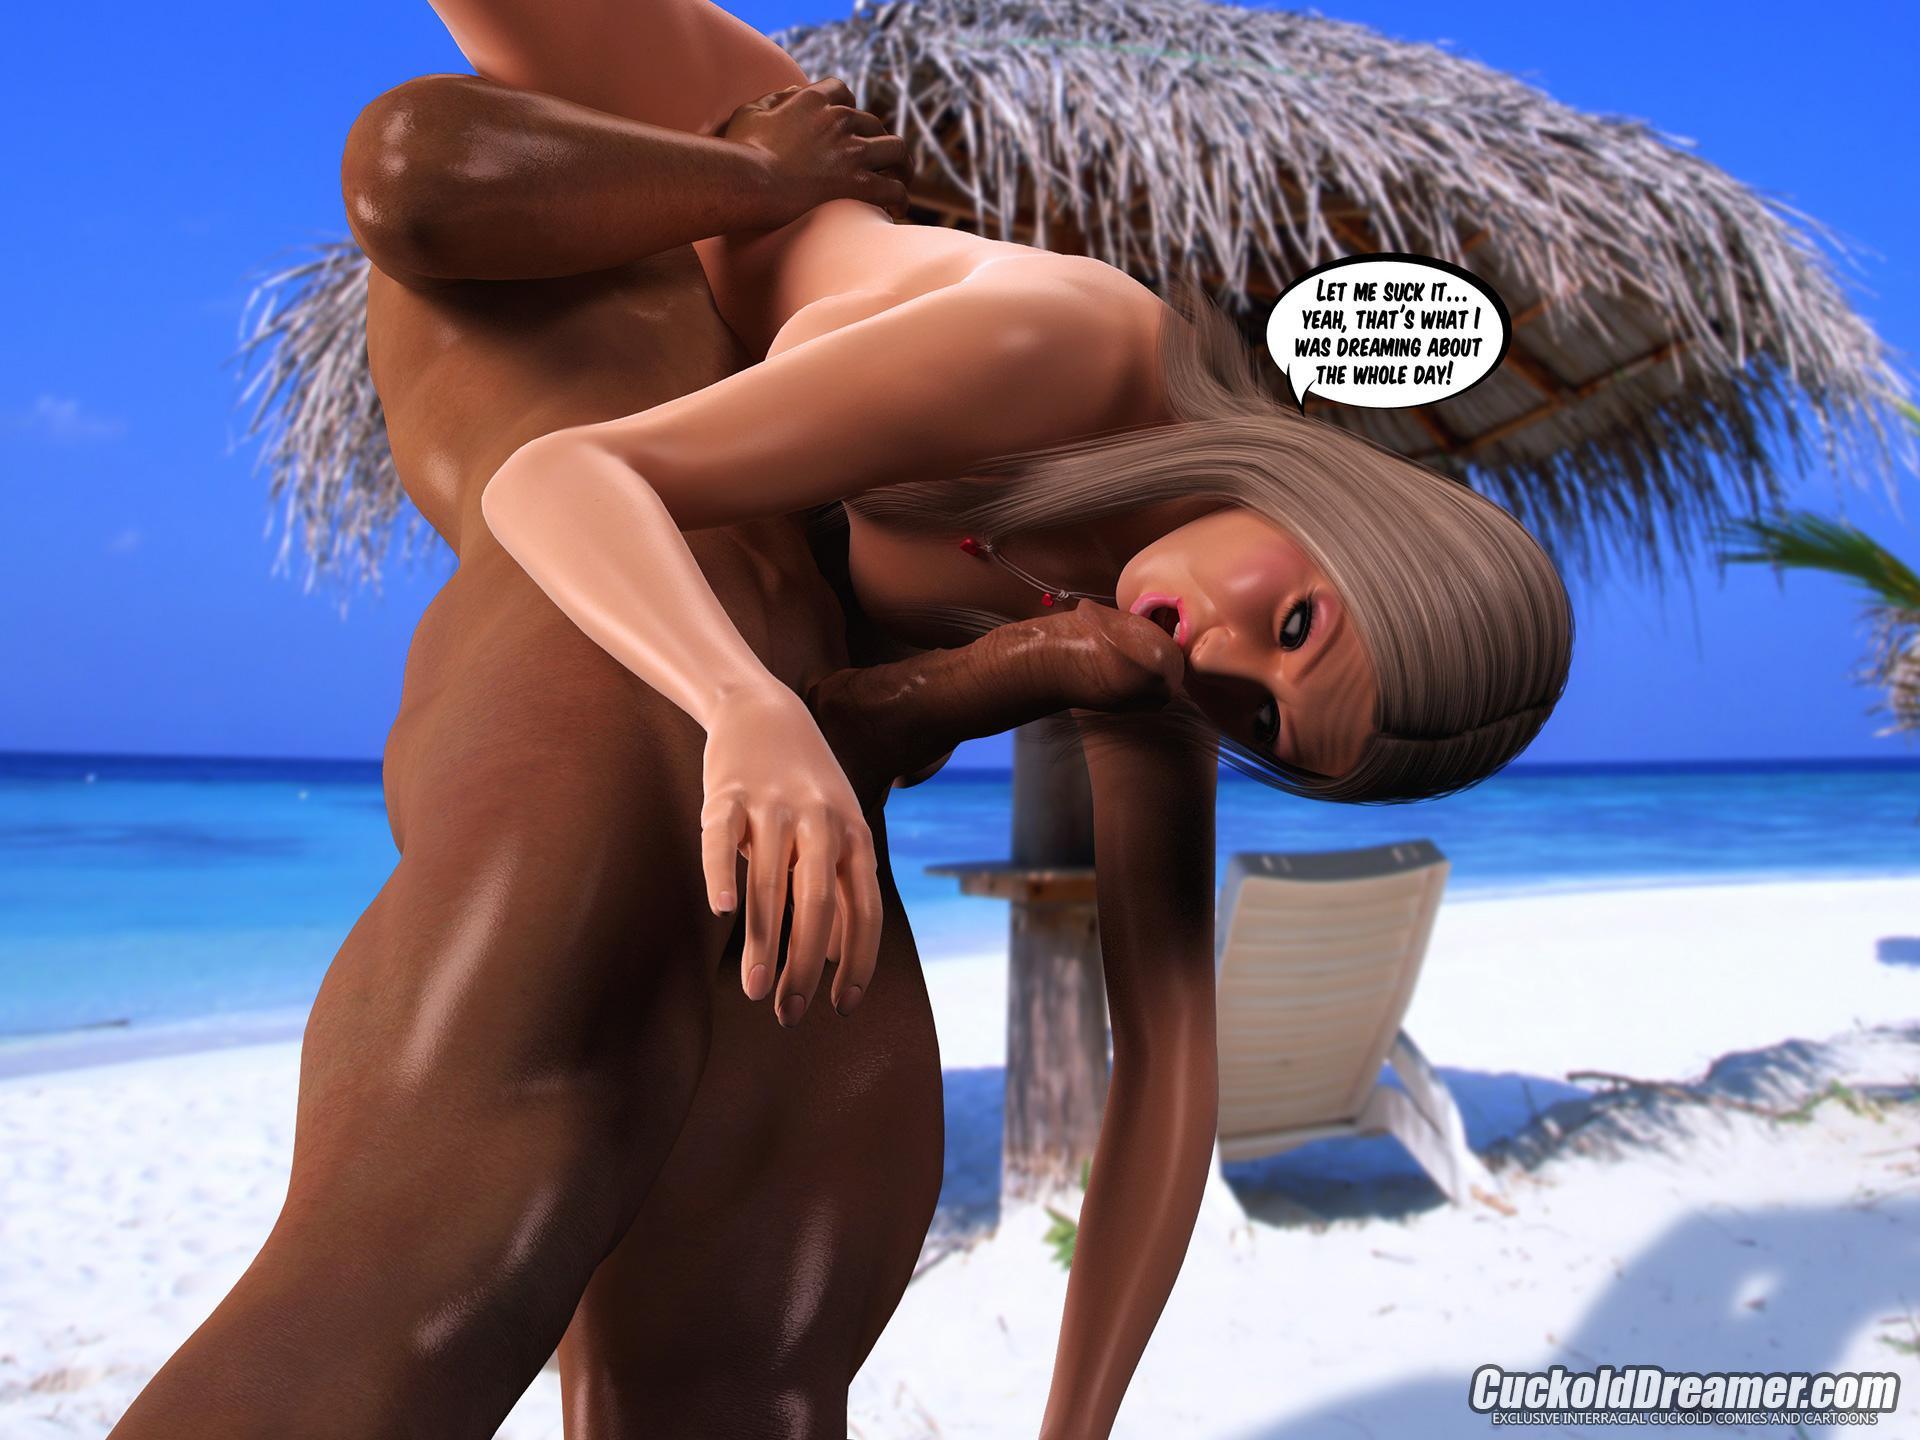 karısı Aç için Siyah musluklar cuckolddreamer - PART 2